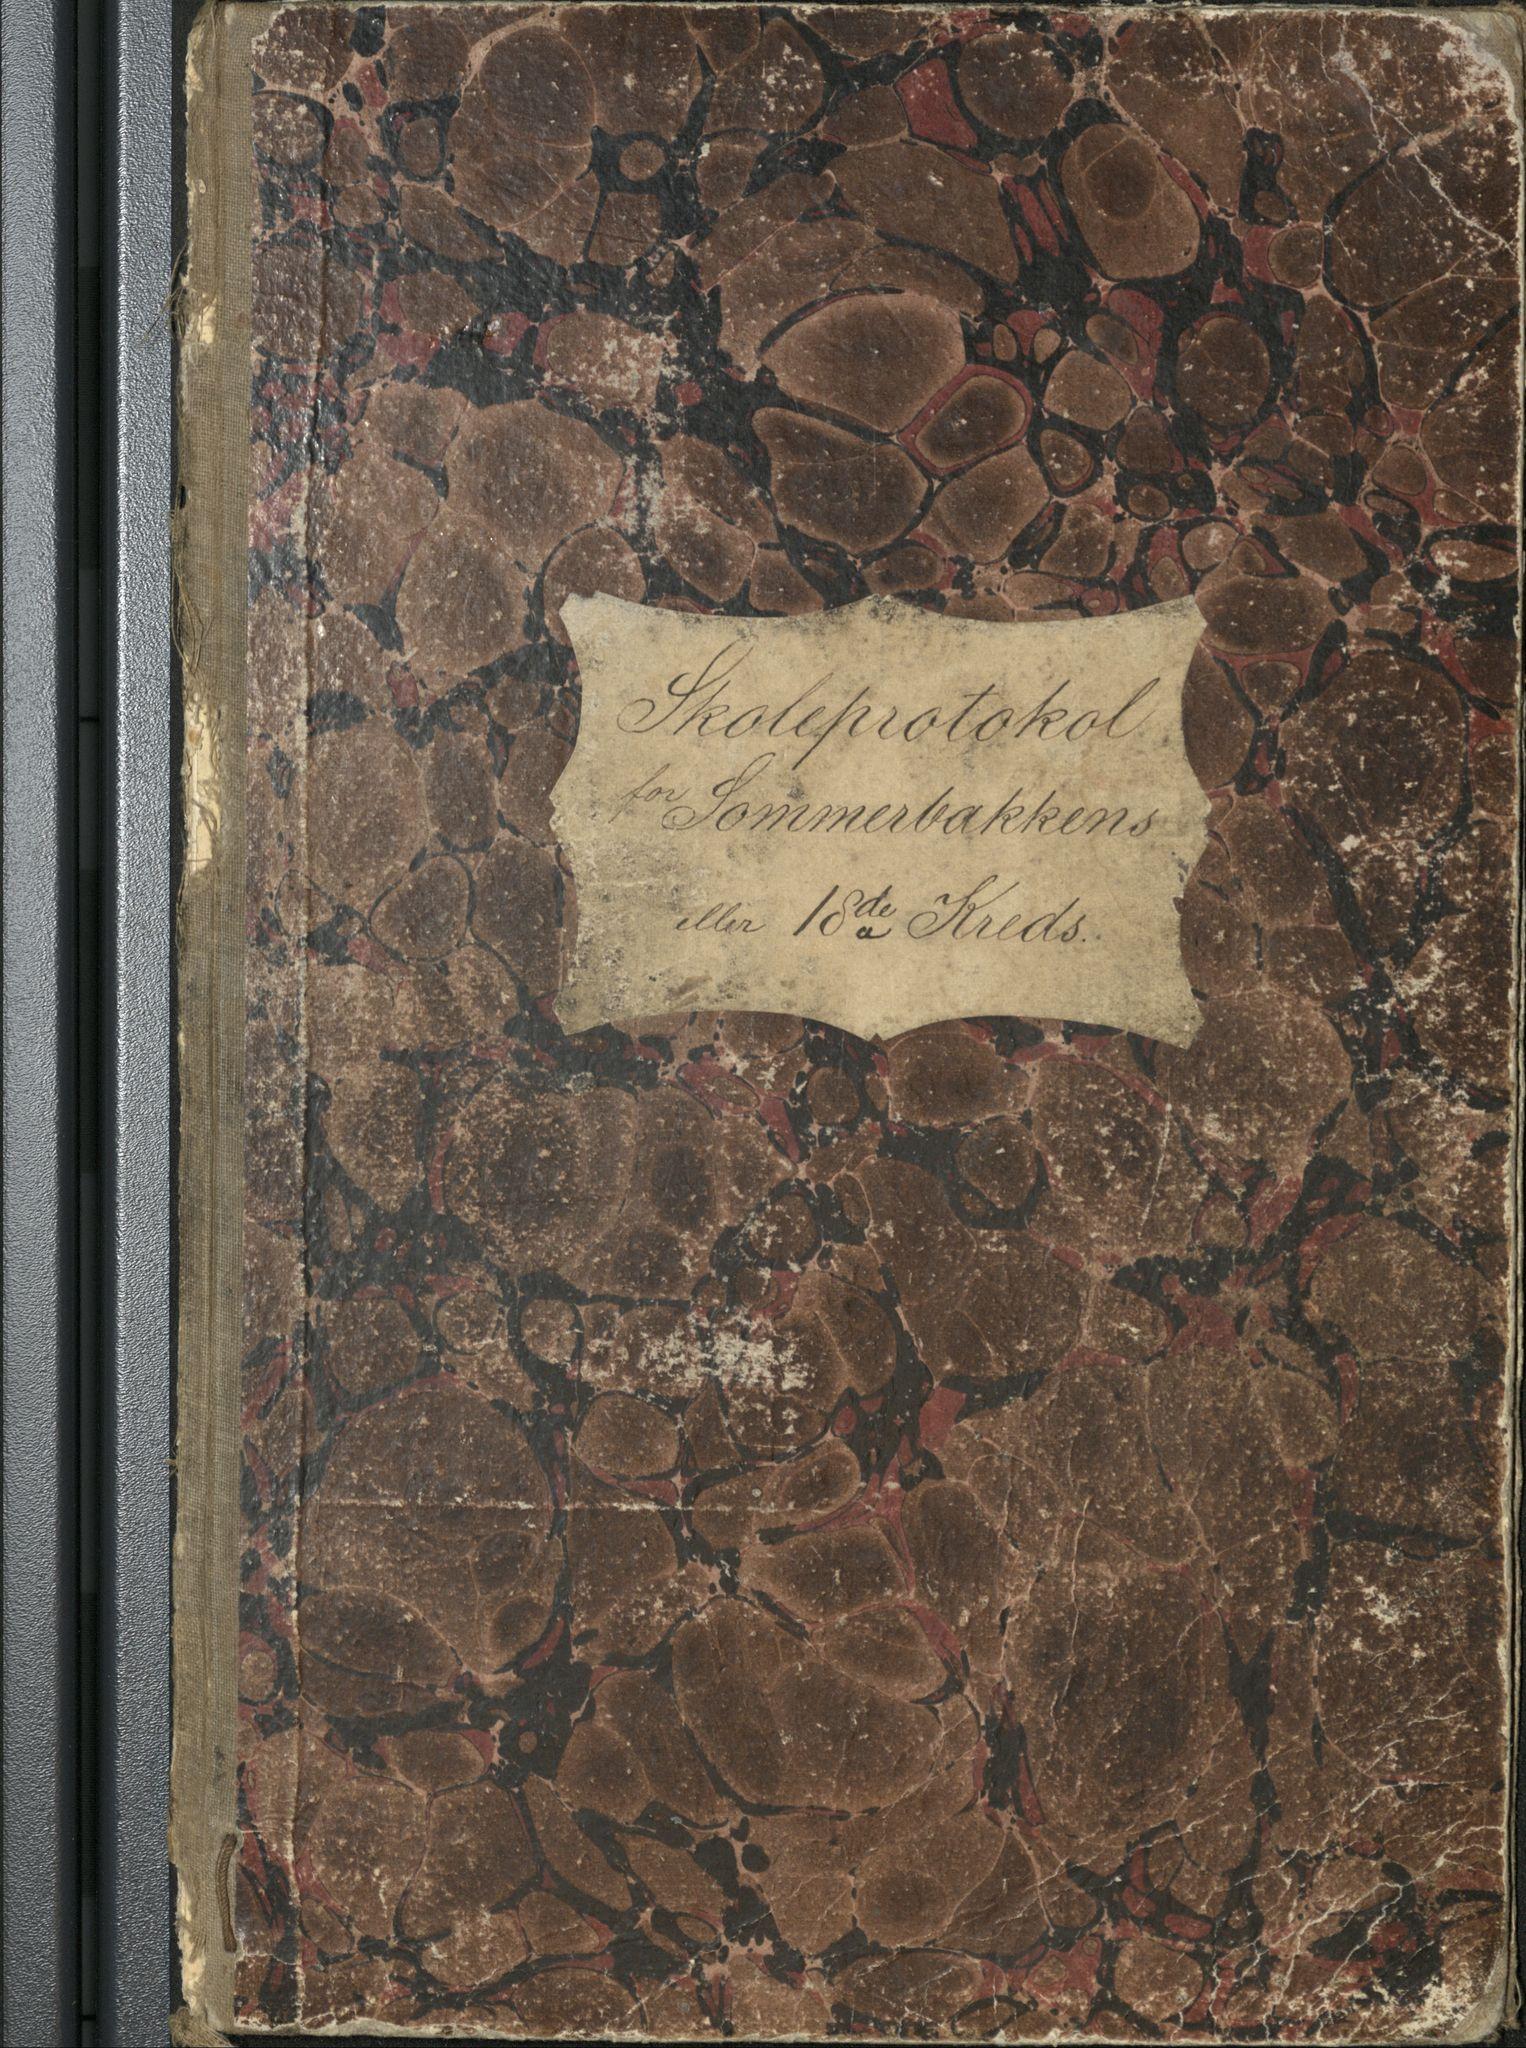 AT, Målselv kommune, -/-/-/115: Sommerbakkens krets, 18. krets - skole på gårdene Sommerbakken, Kjerresnes, Holmen, 1870-1875